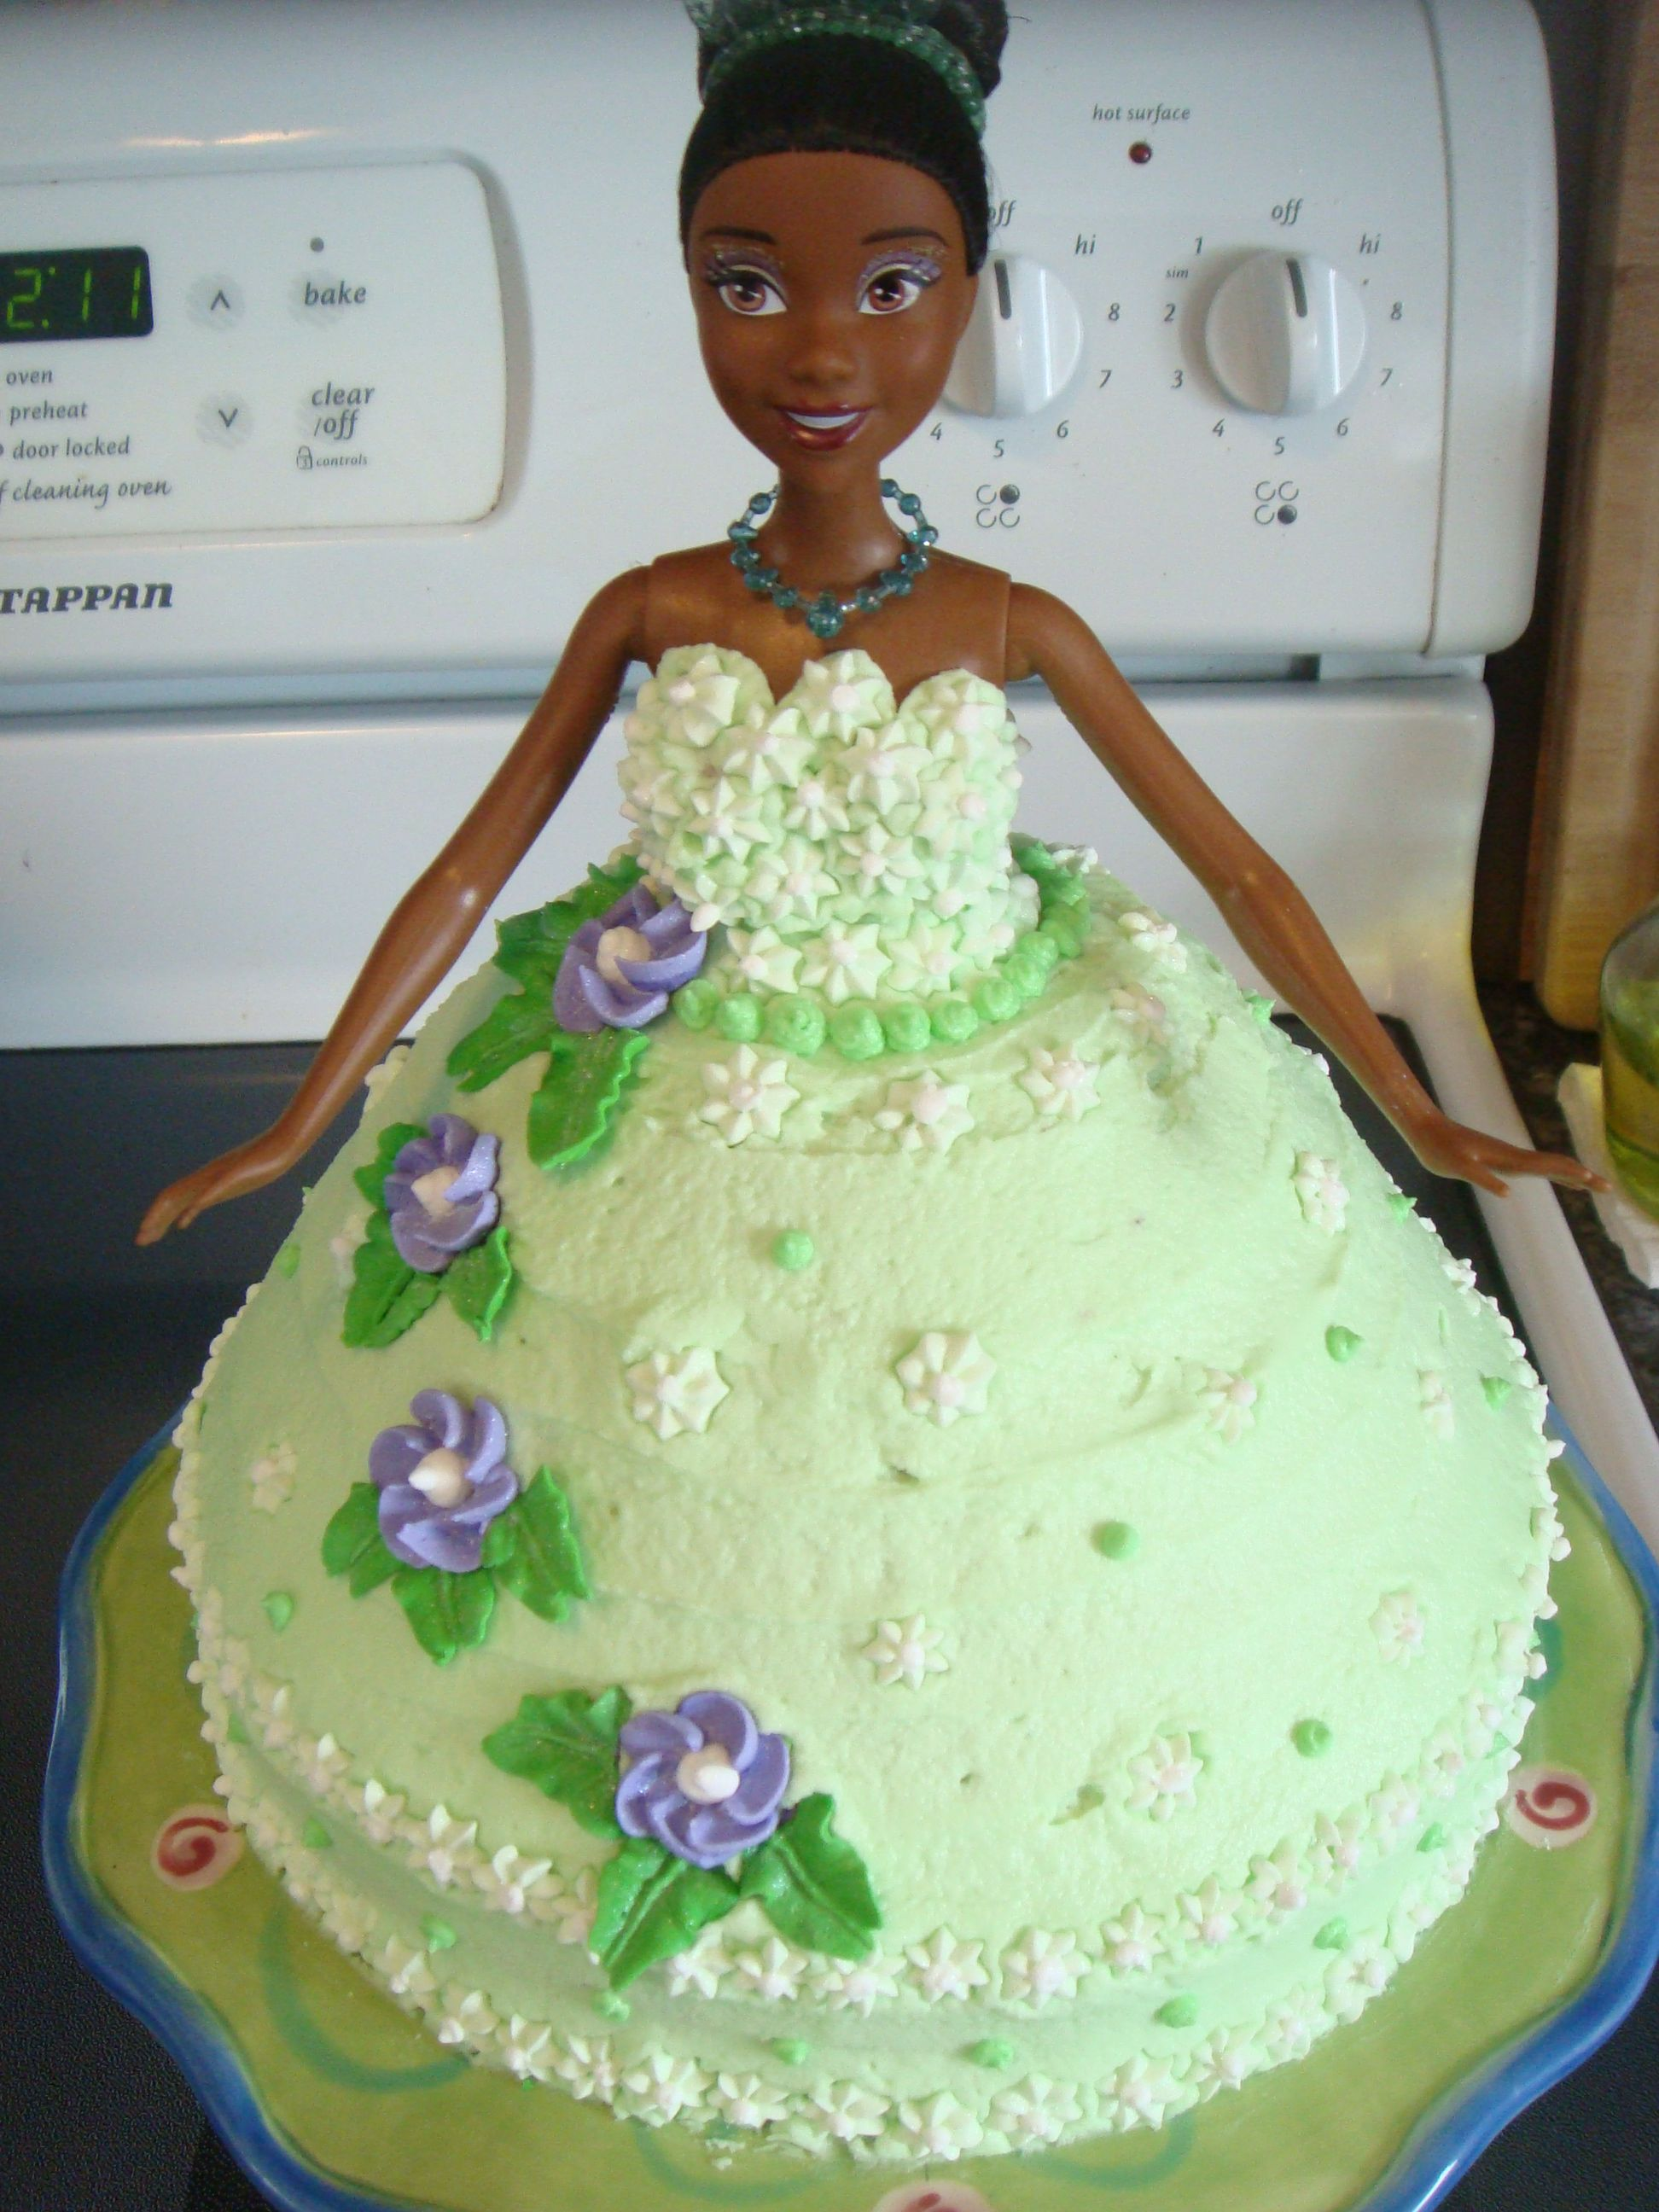 Princess Tiana Cake Images : Princess Tiana Cake Kids party ideas Pinterest